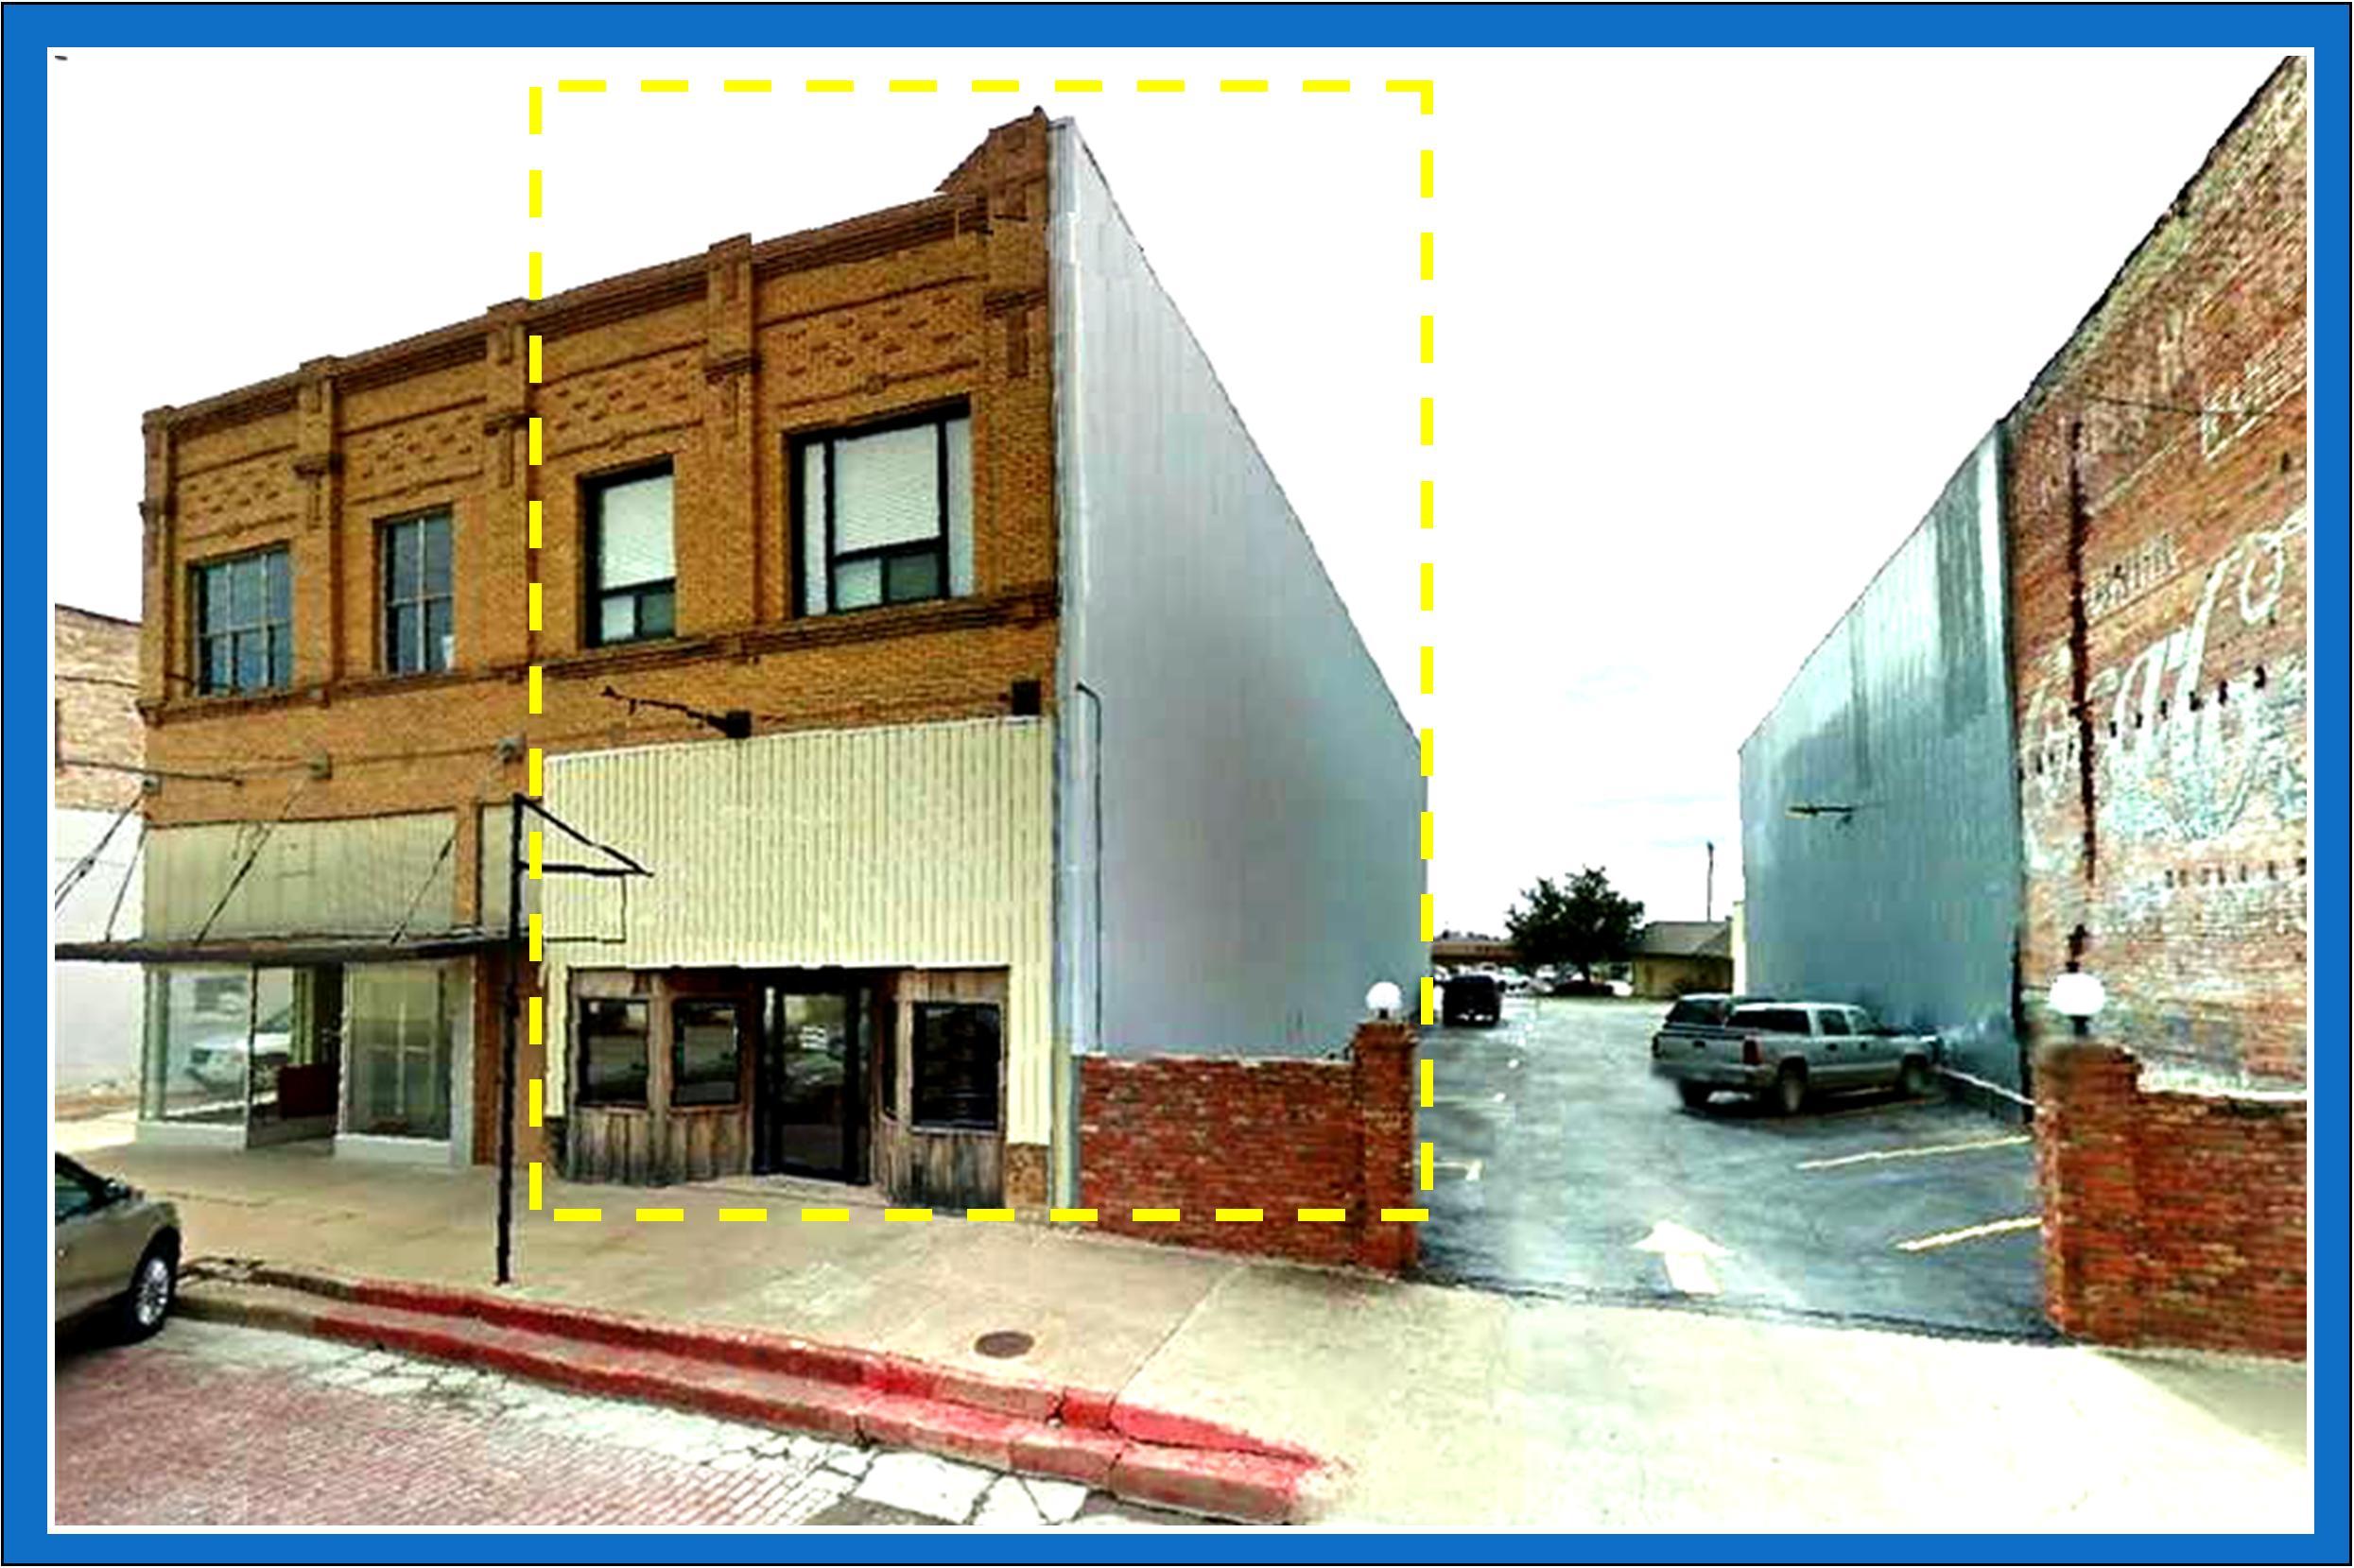 115 W. Pecan, Coleman, Texas 76834